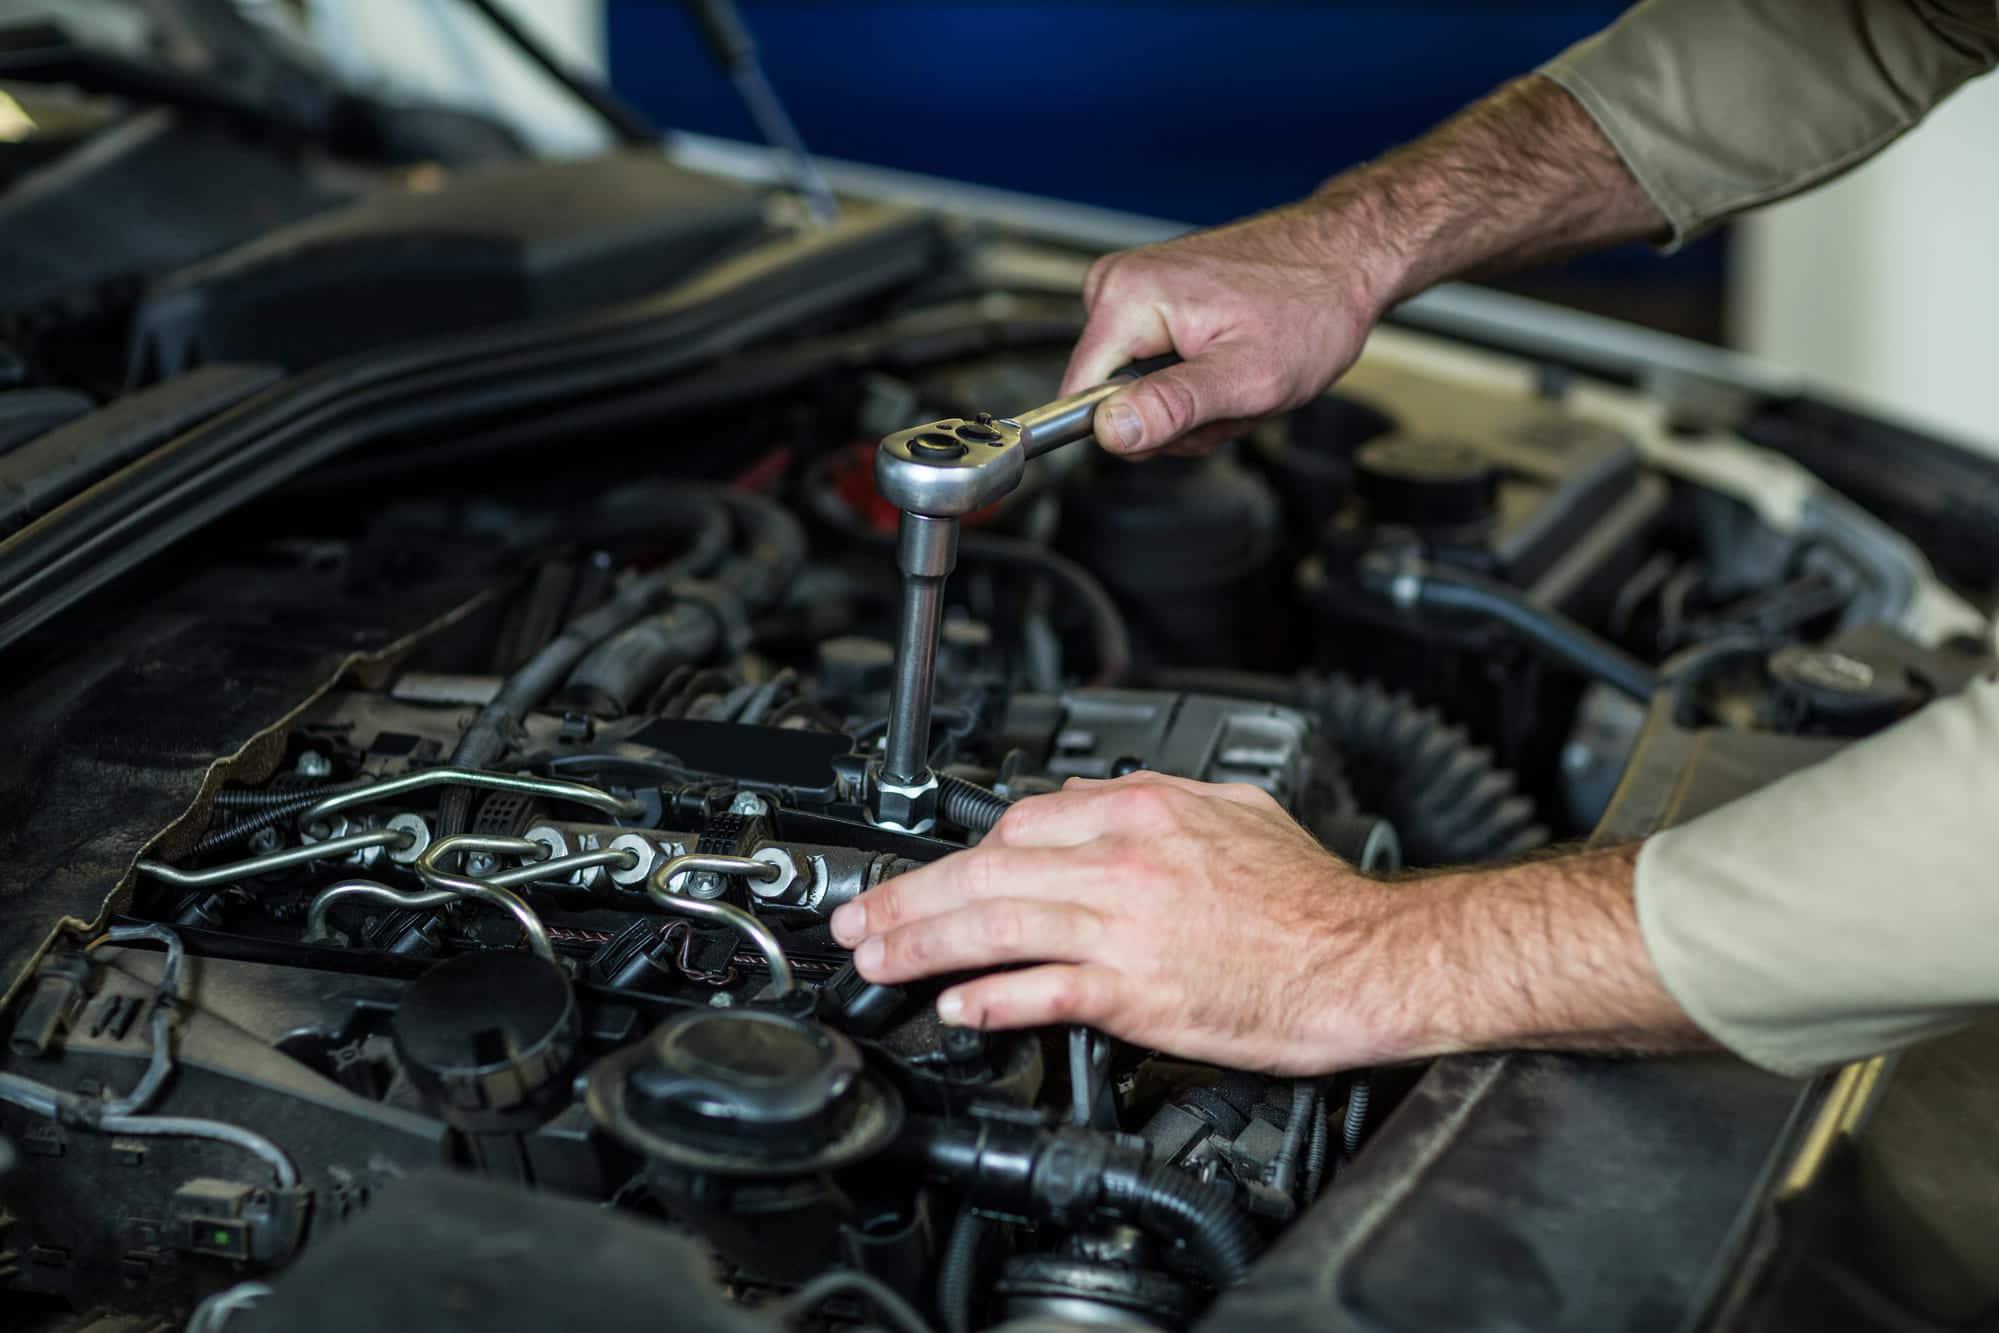 Mécanicien qui travaille sur le moteur d'une voiture